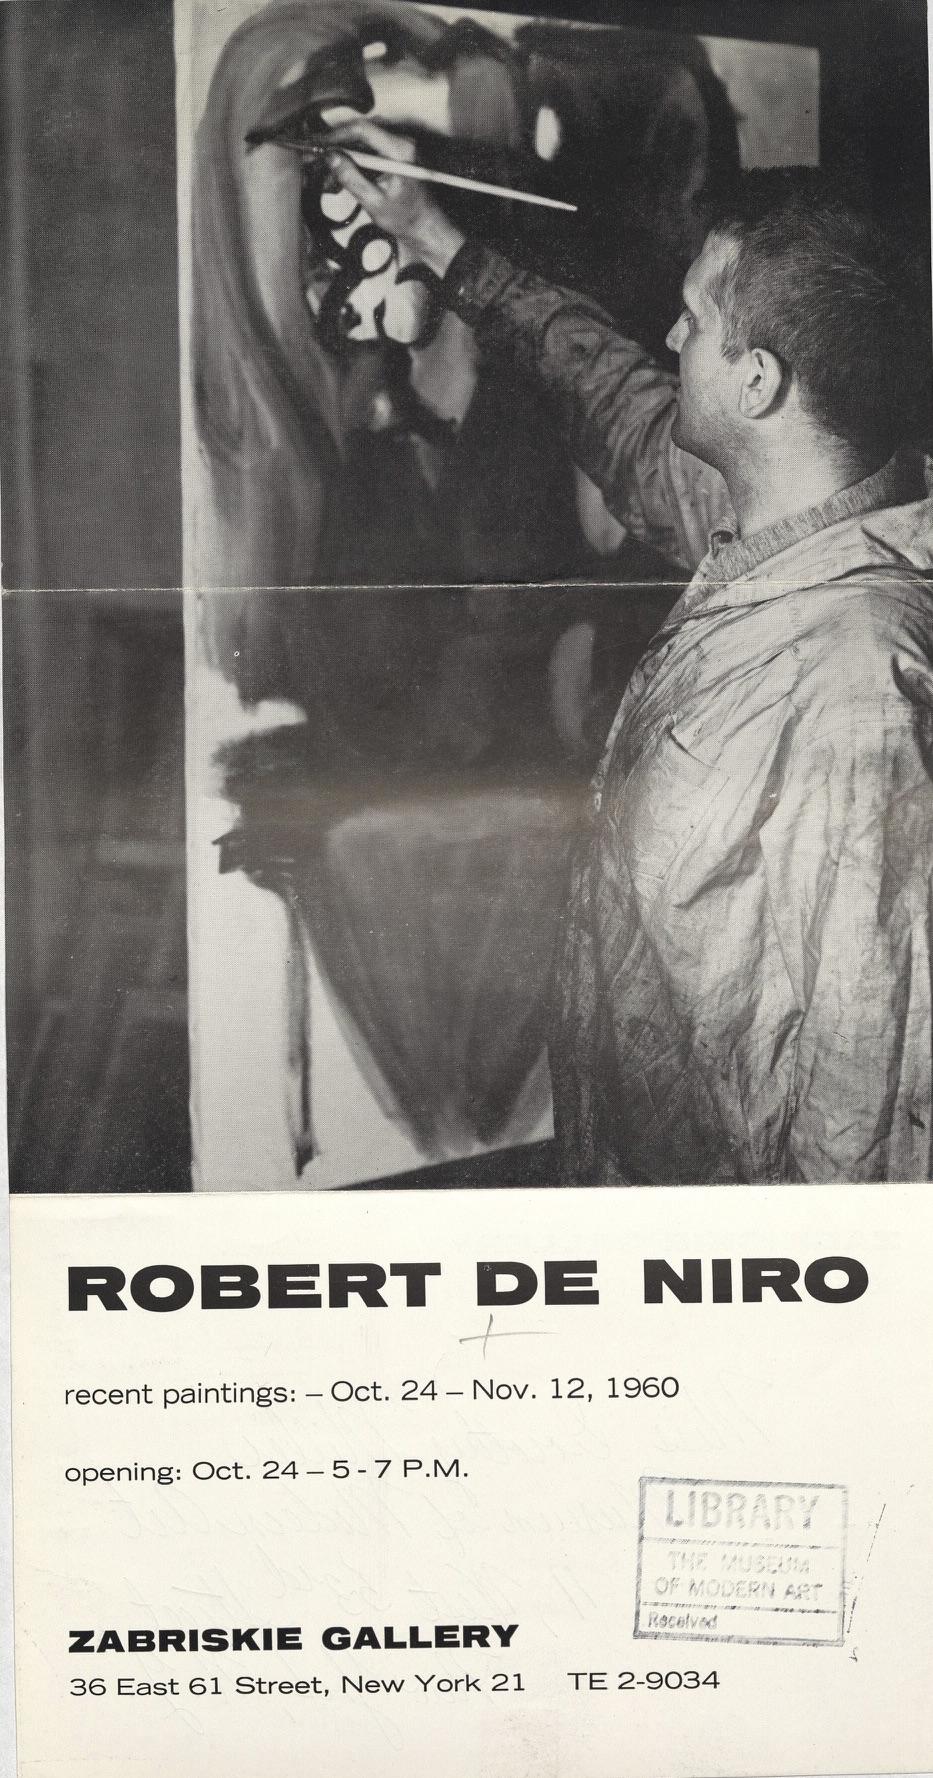 Zabriskie 1960 invite.jpg